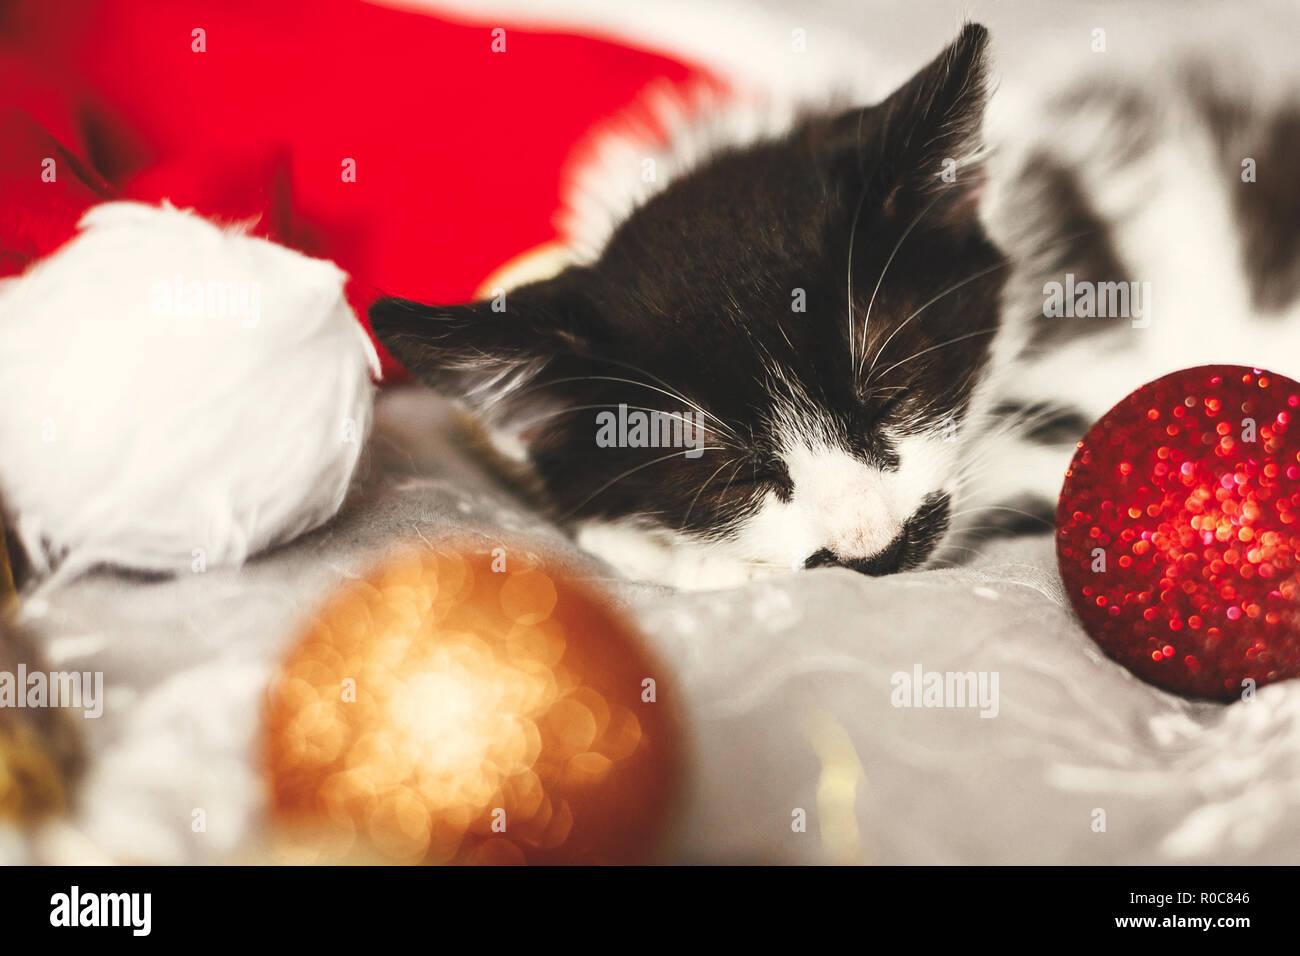 Carino kitty dormire a santa hat sul letto con oro e rosso baubles di Natale in sala festosa. Buon Natale concetto. Adorabili gattini sonnecchiare. Atmosph Immagini Stock